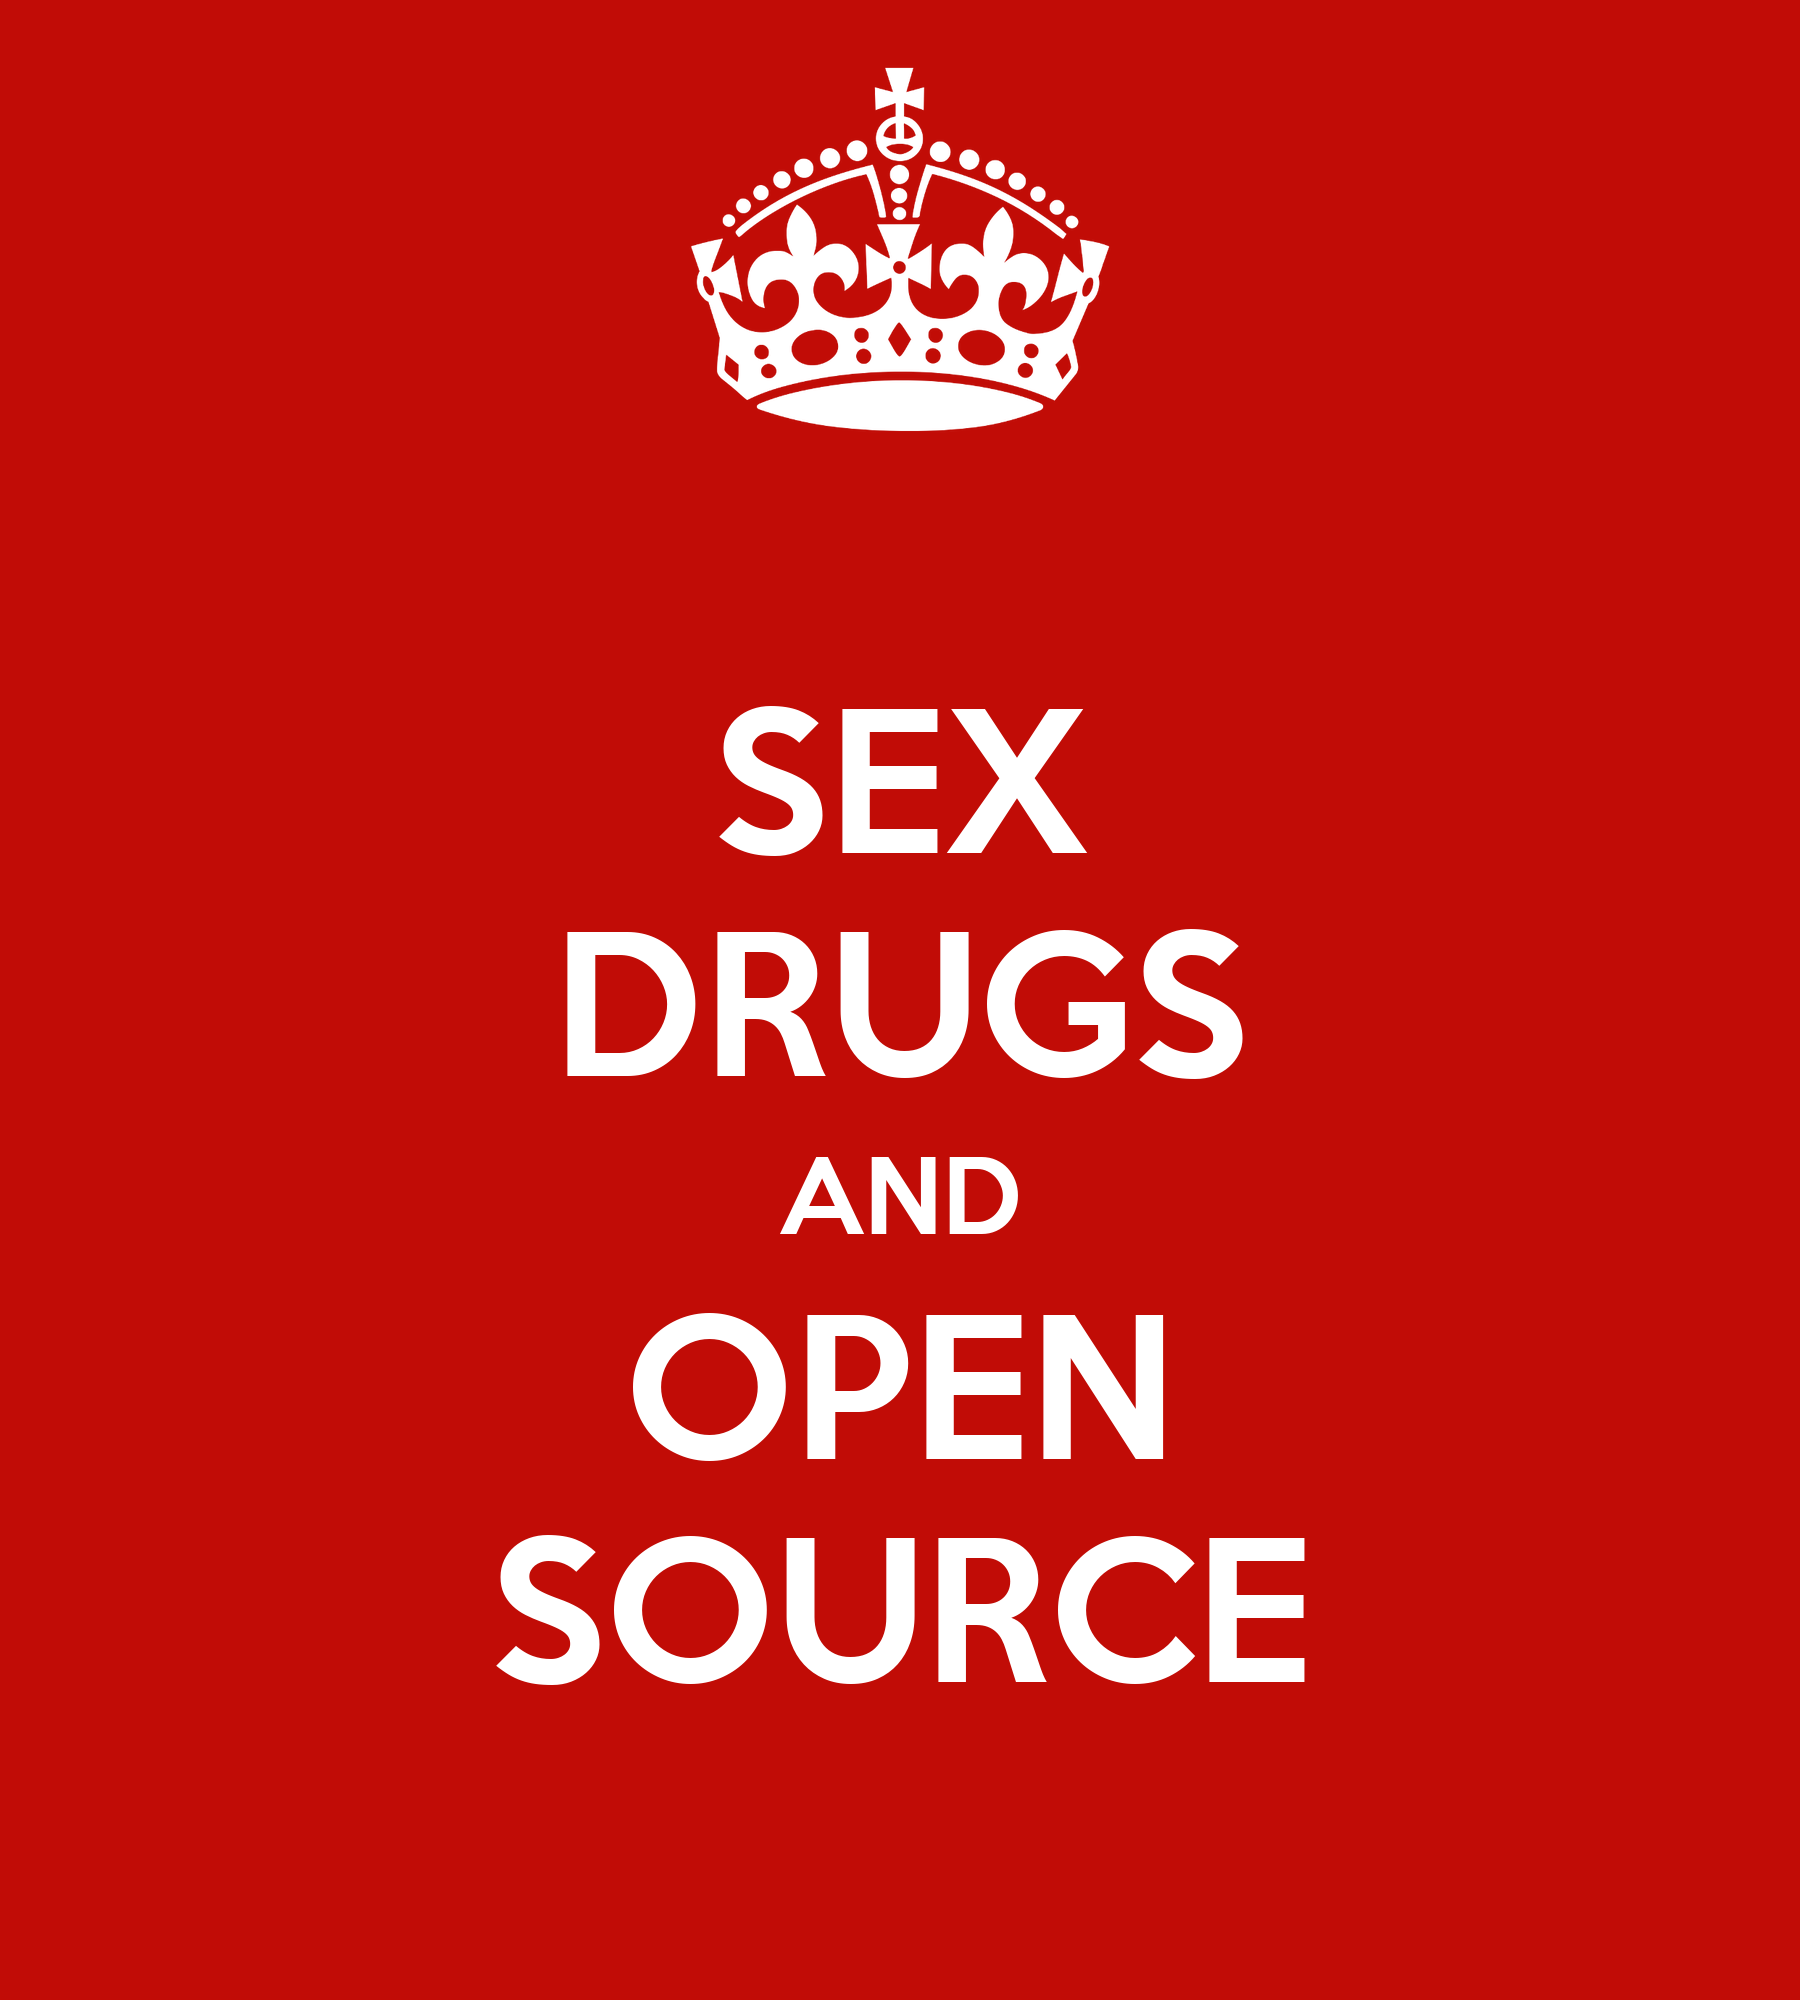 Sex open source